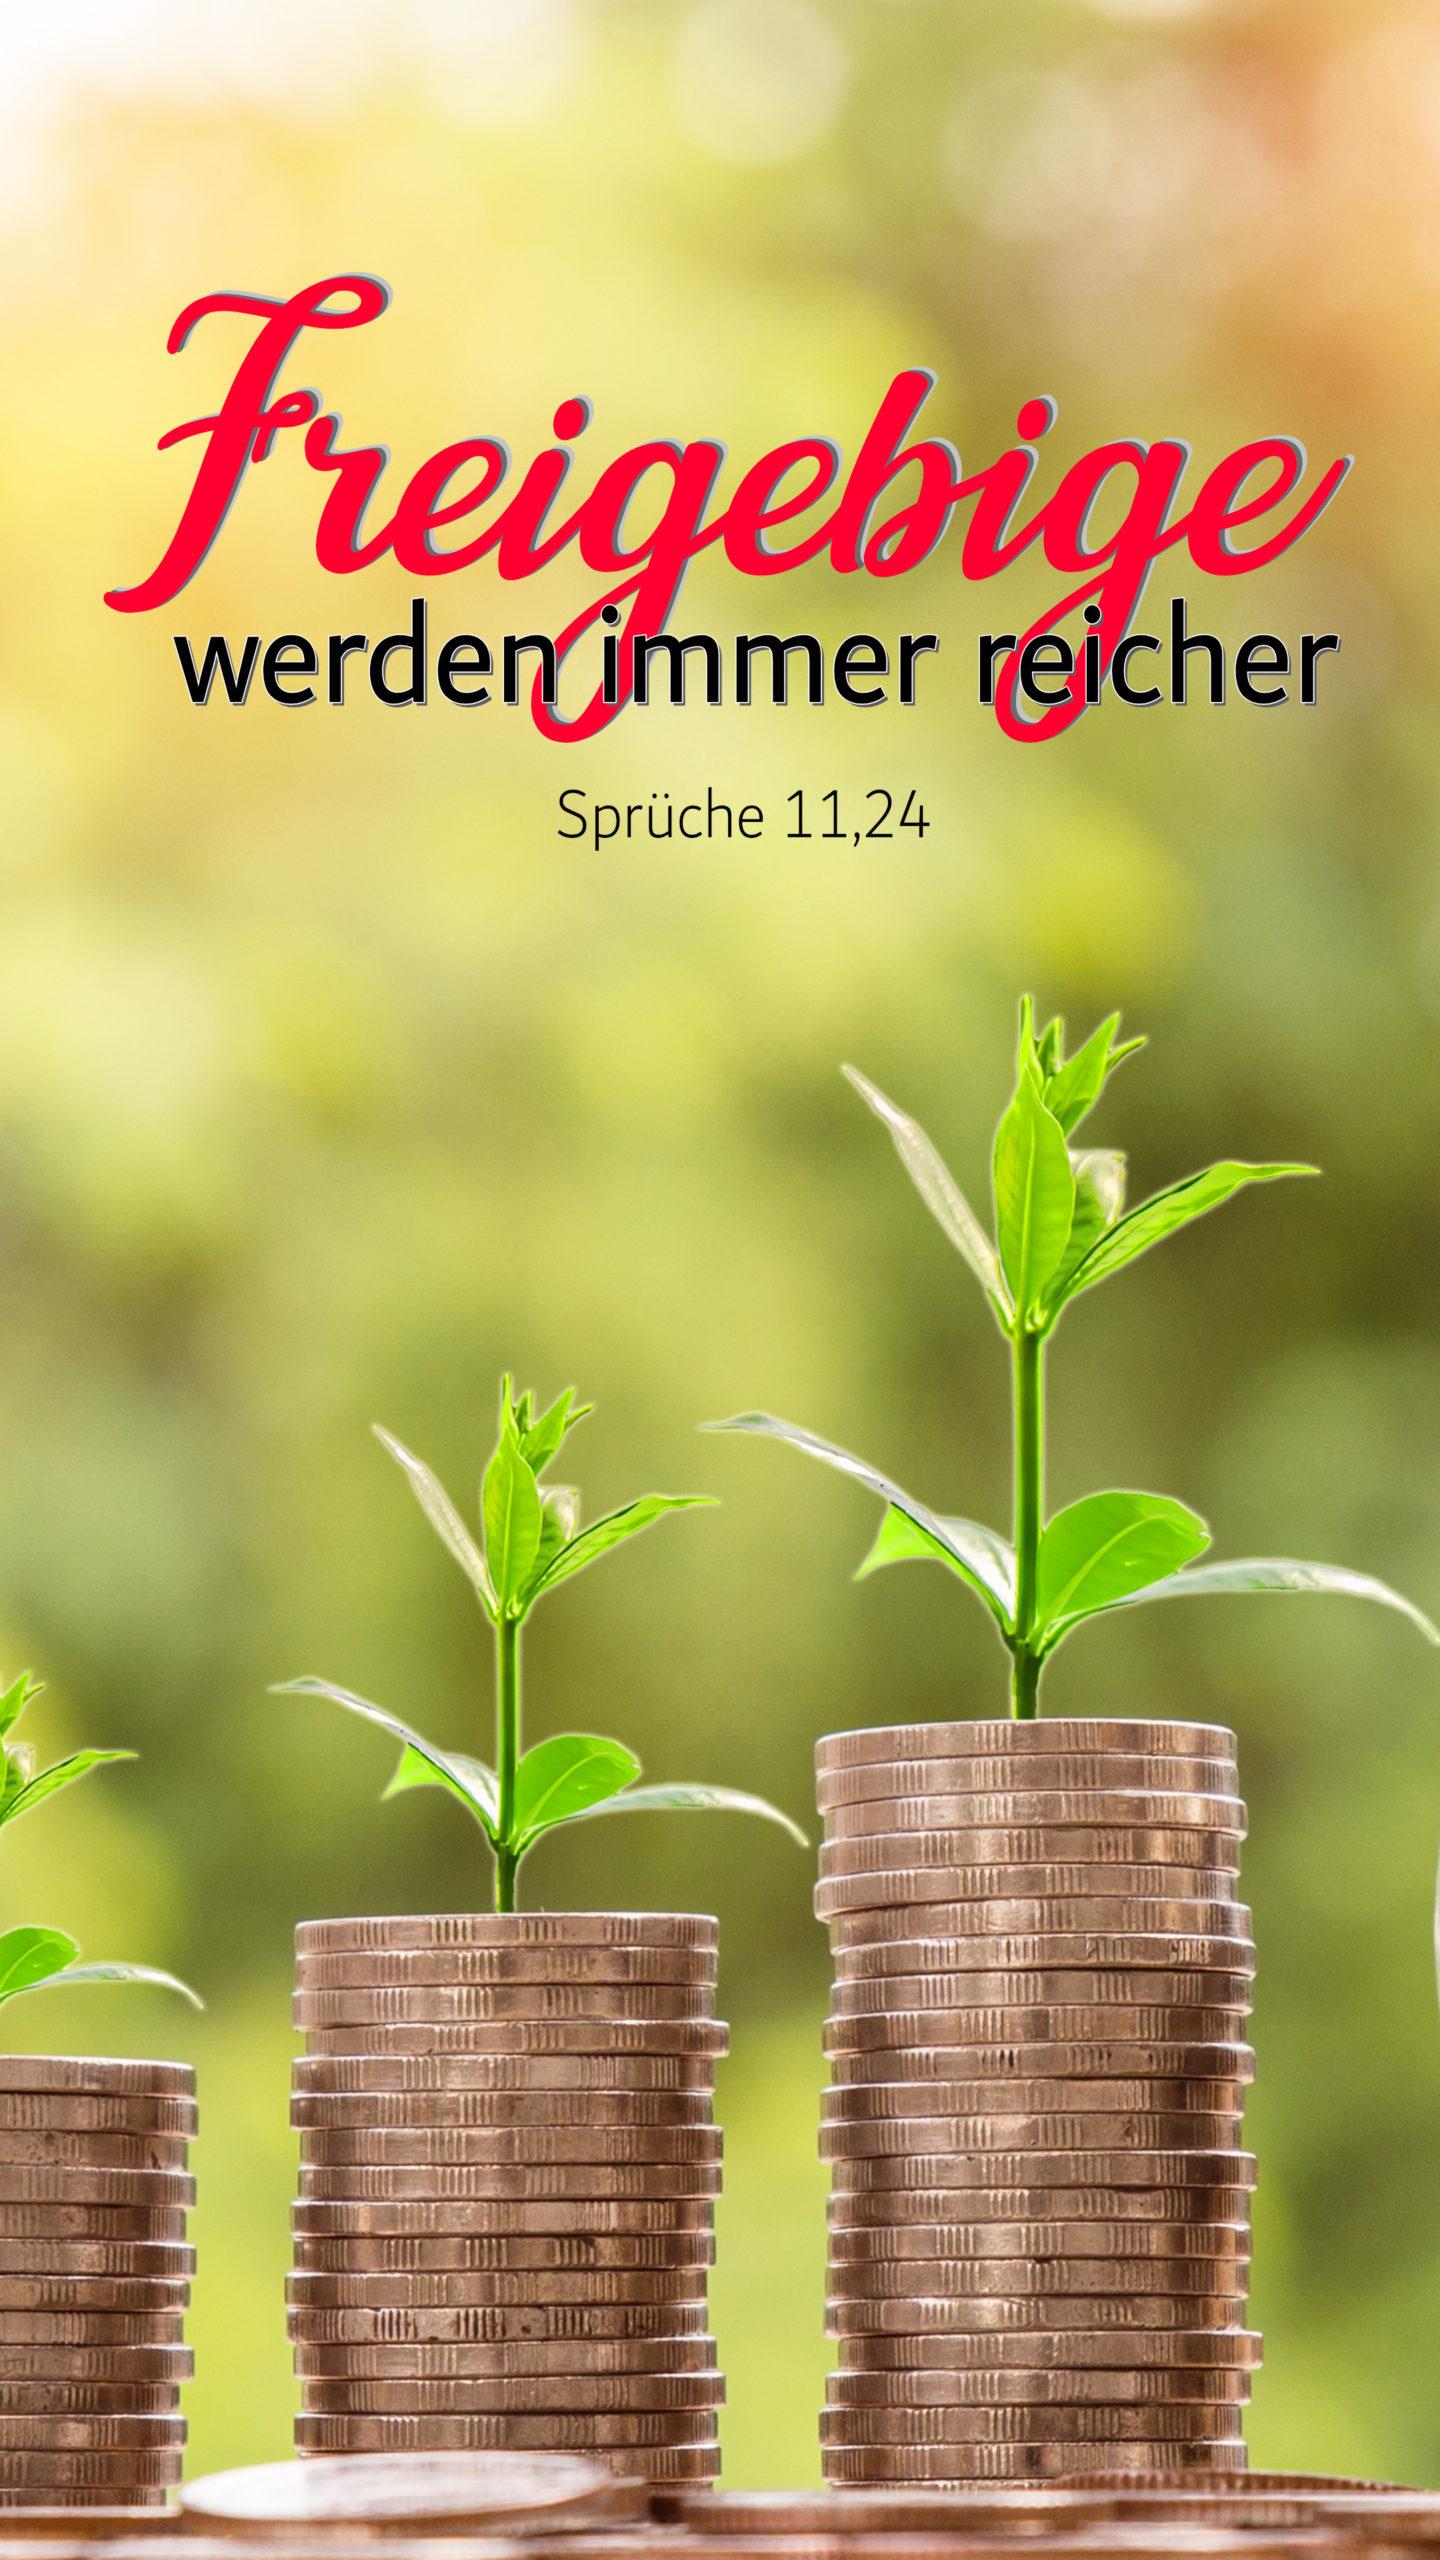 Sprüche 11,24 Handy